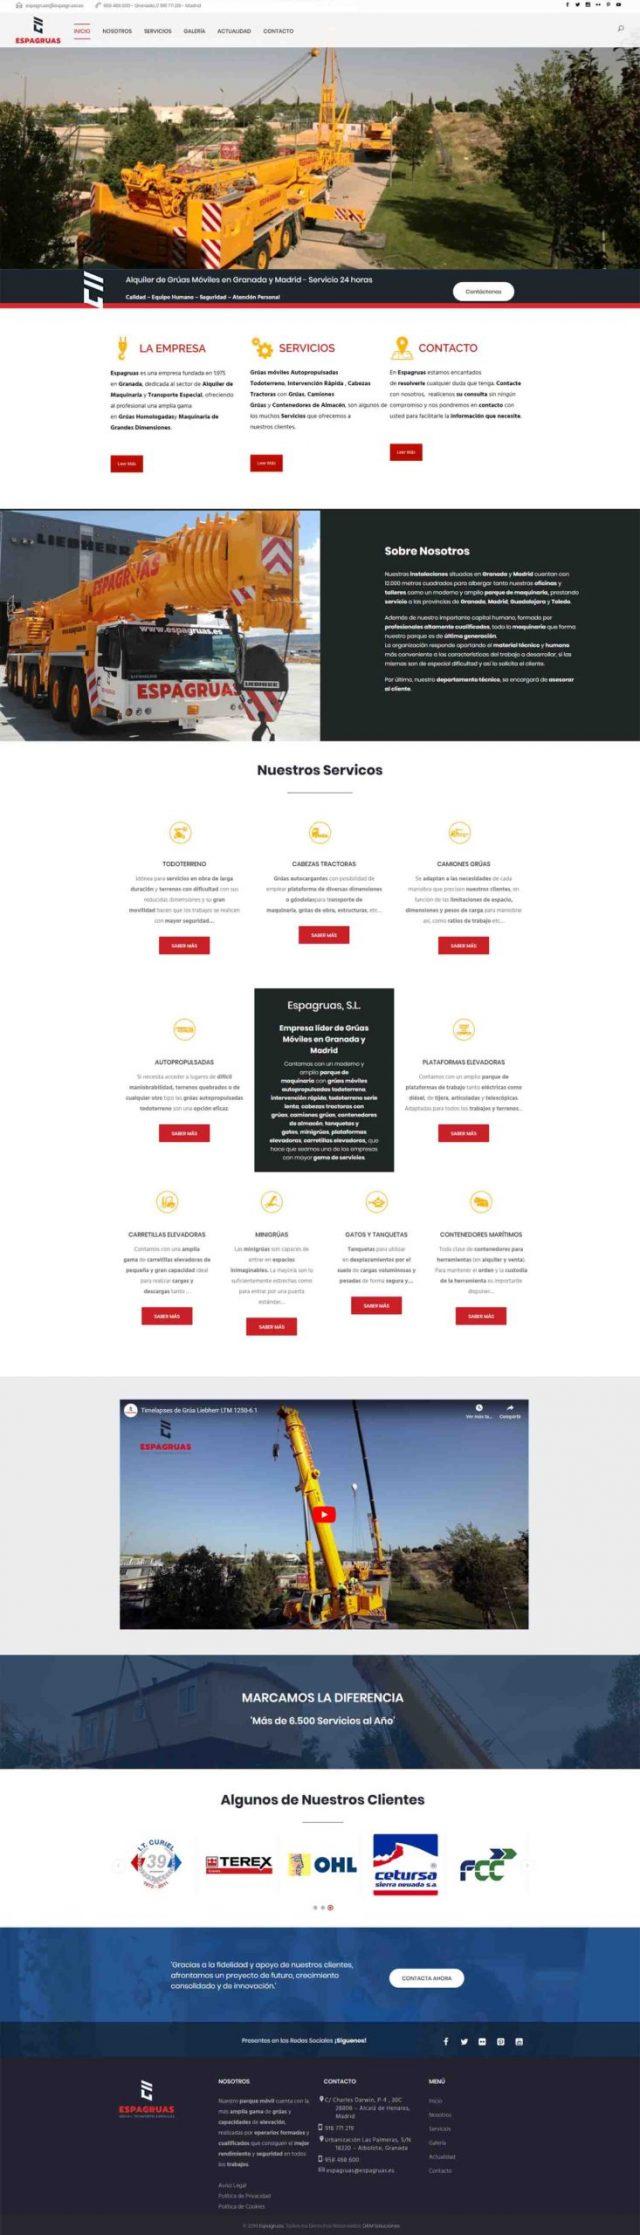 Diseño de la página inicio - Espagruas